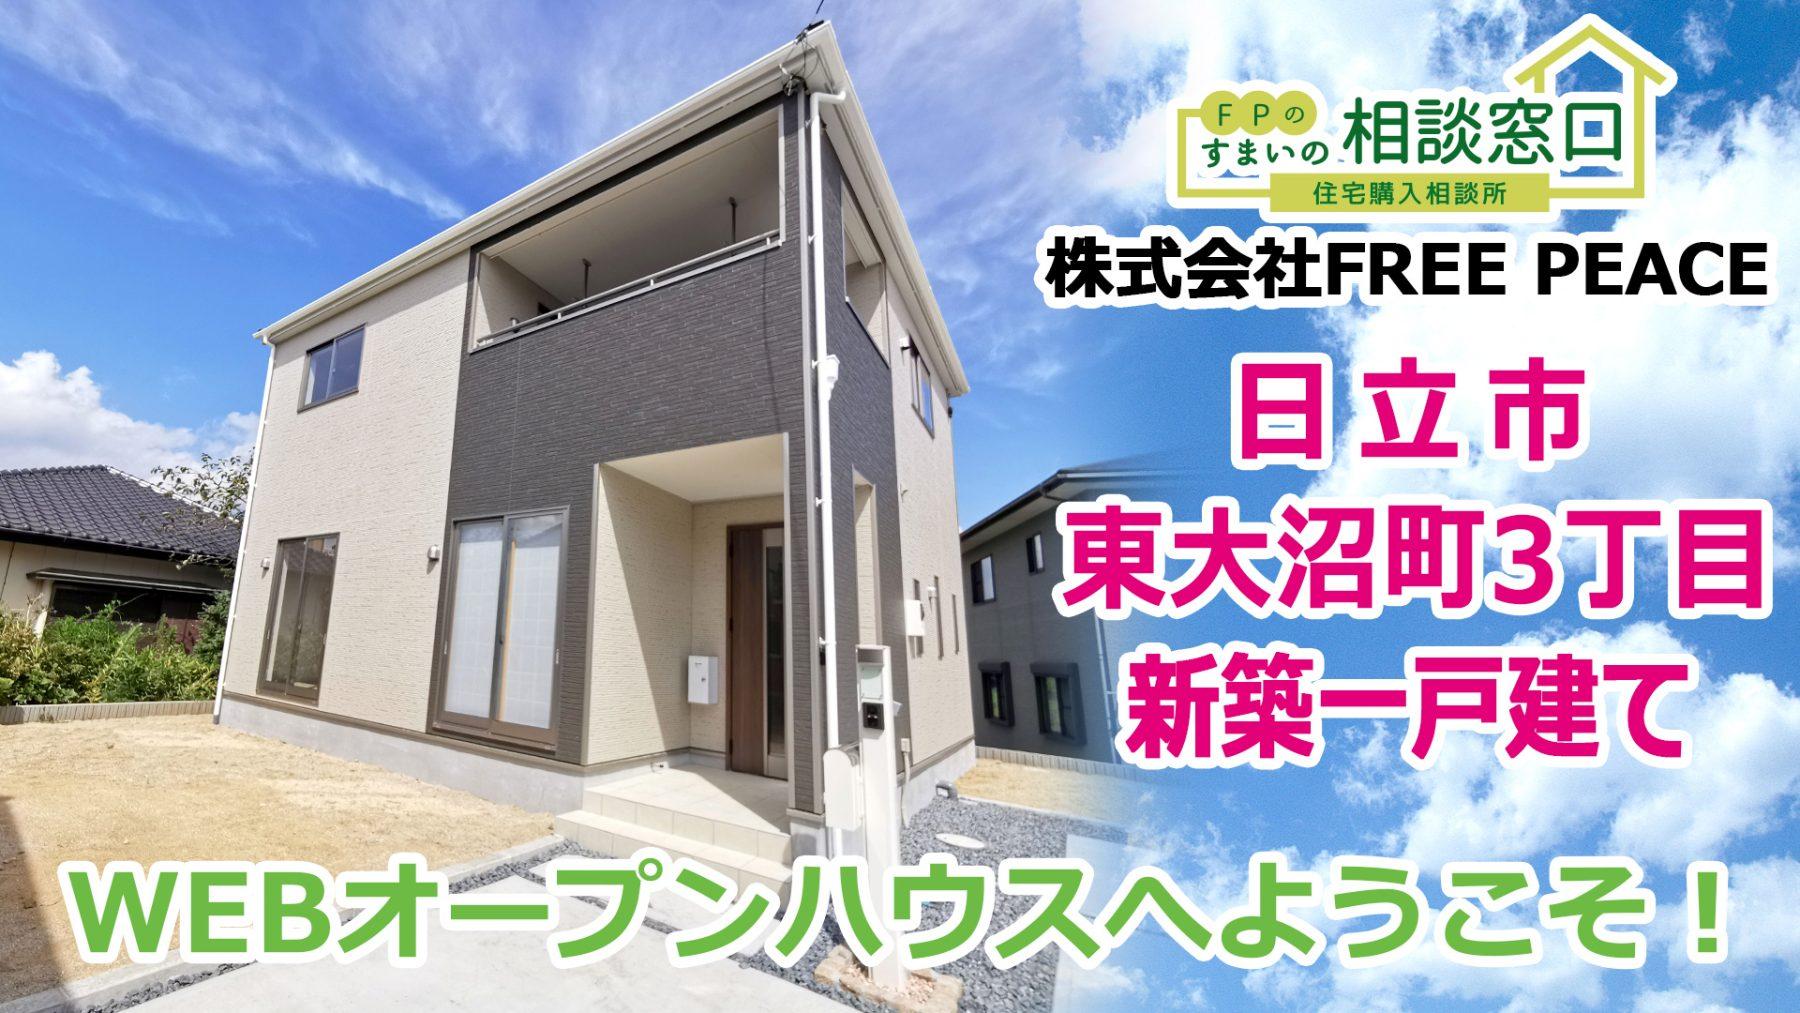 WEBオープンハウス♪日立市東大沼町新築一戸建てです。